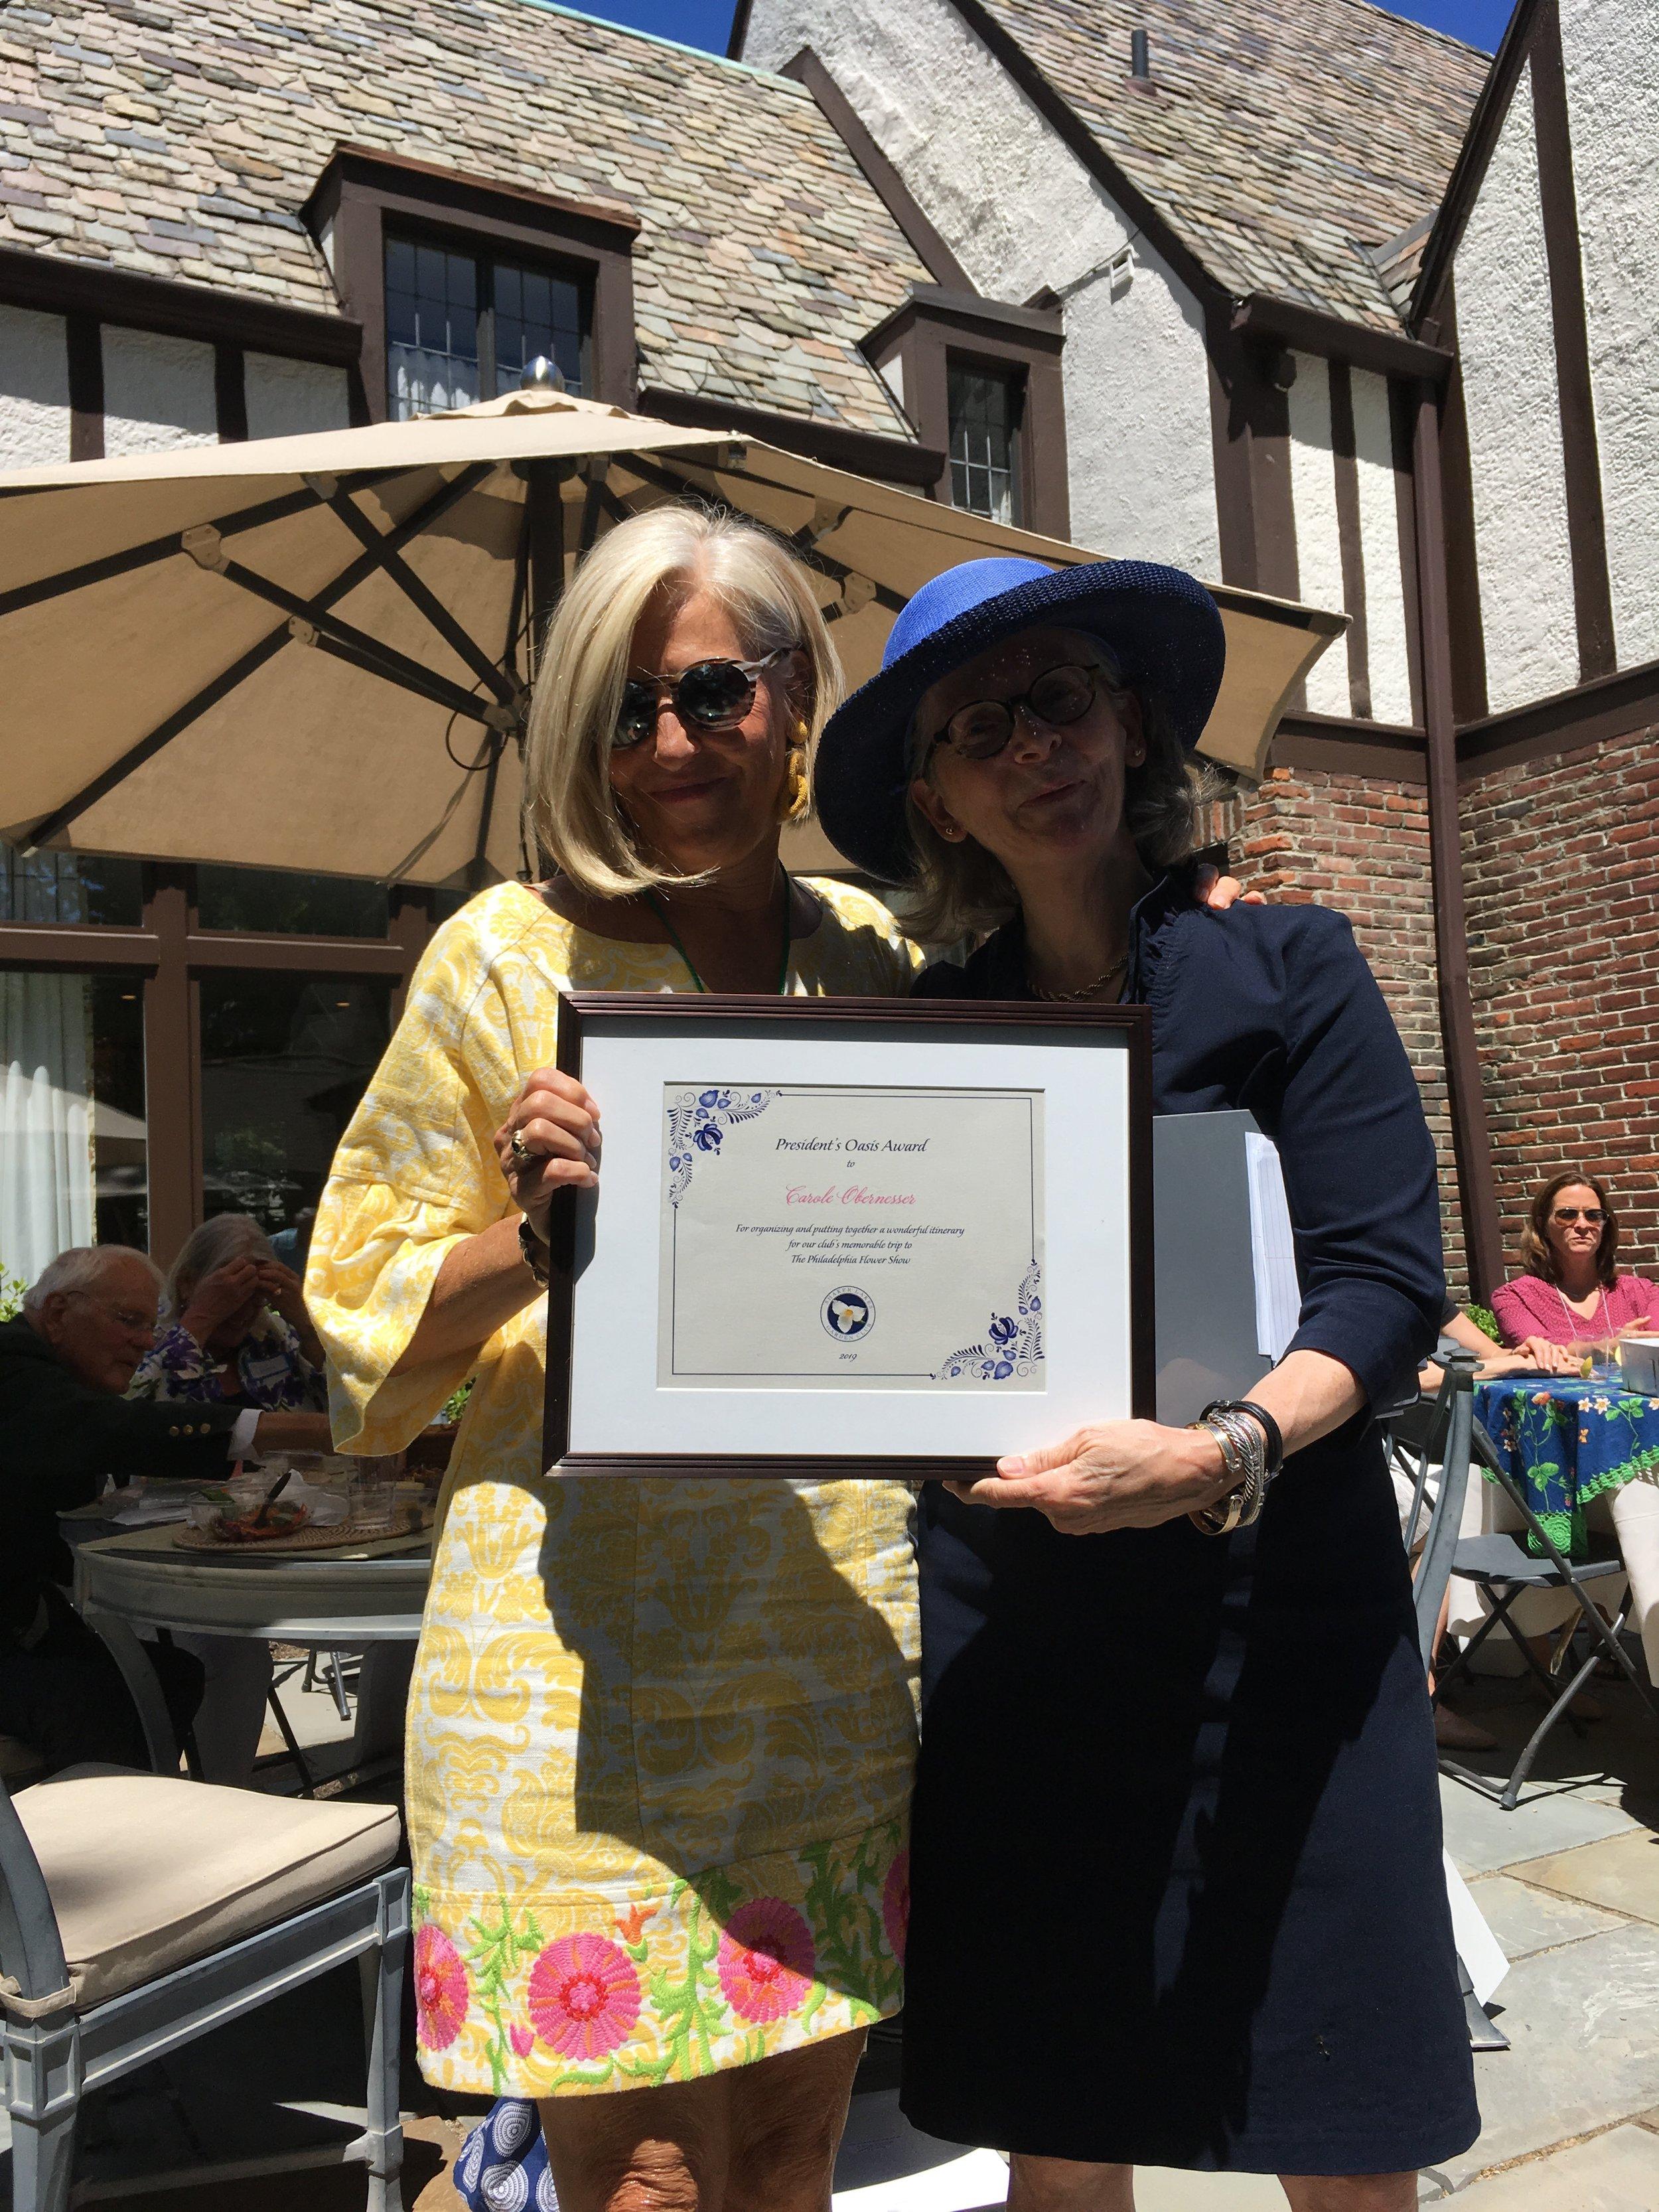 CAROLE OBERNESSER: Oasis Award